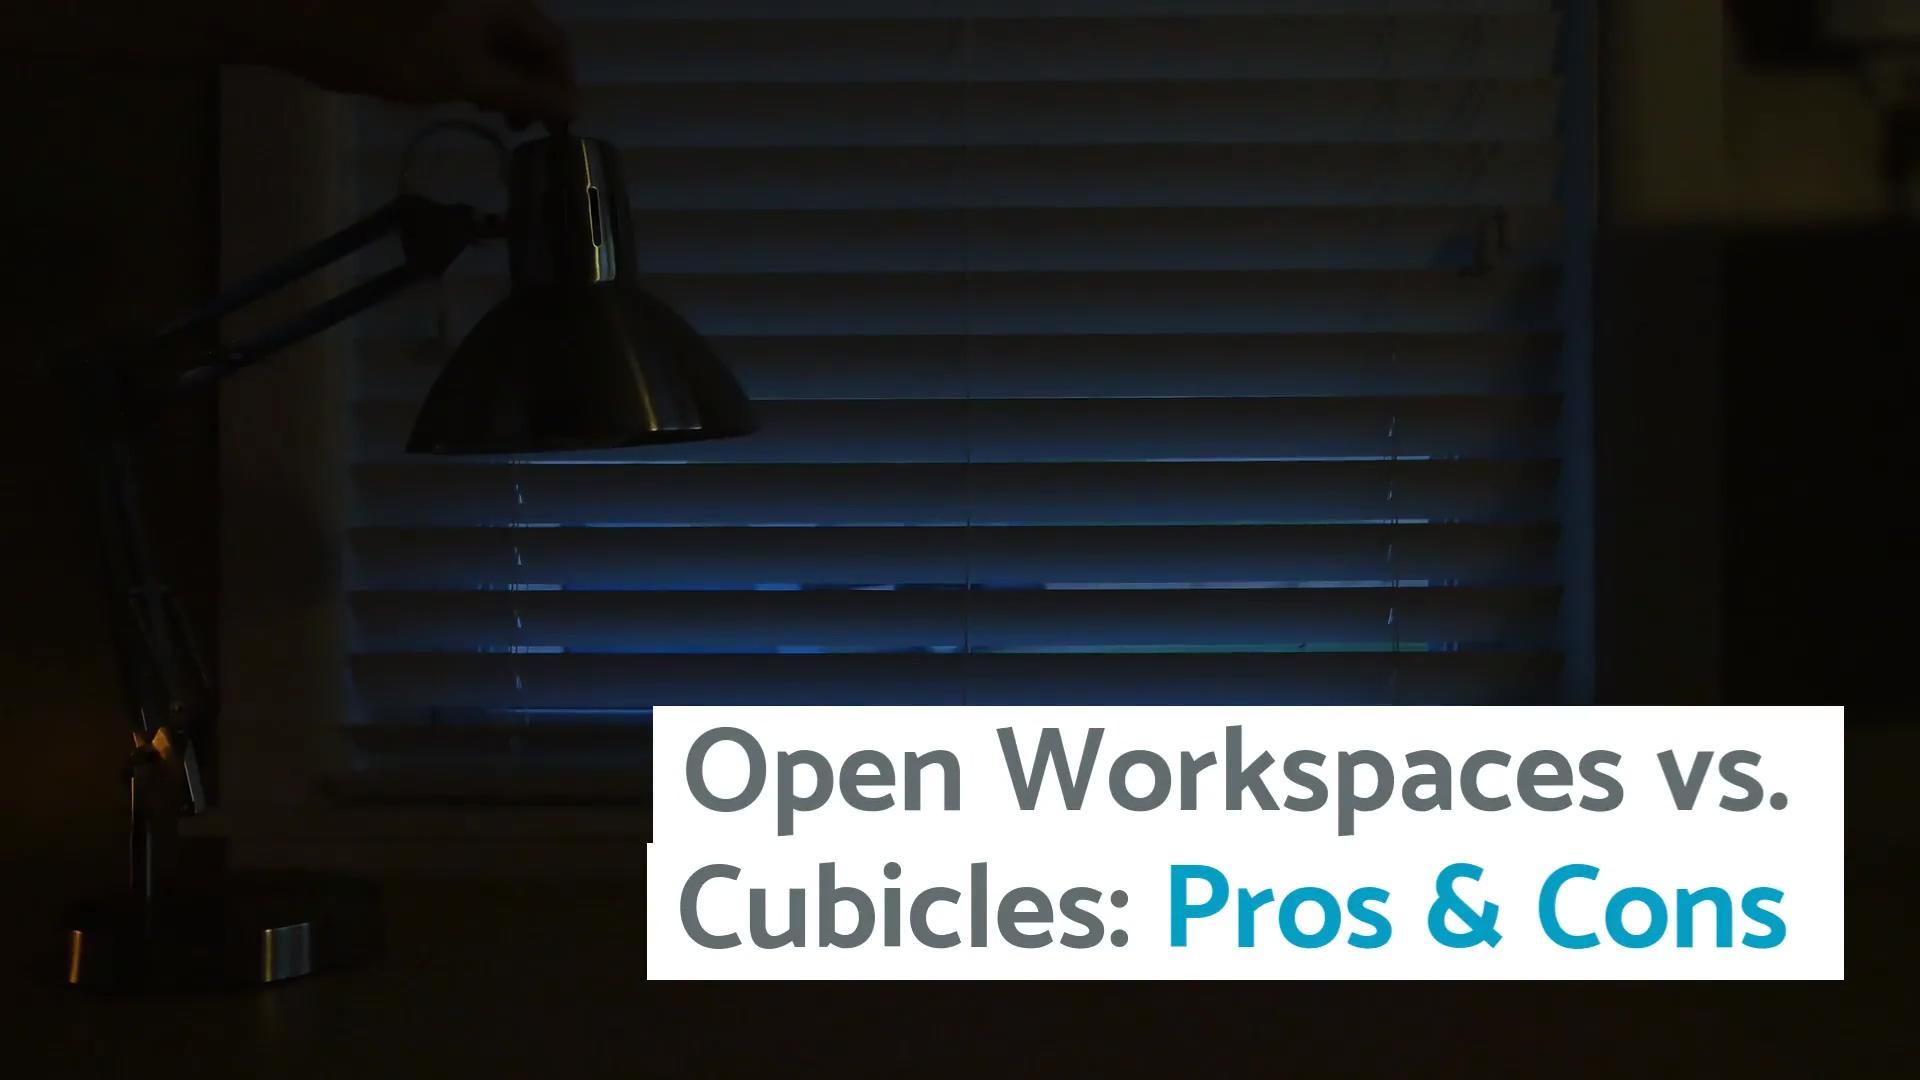 Open_Workspaces_vs_Cubicles_Pros_Cons (1)